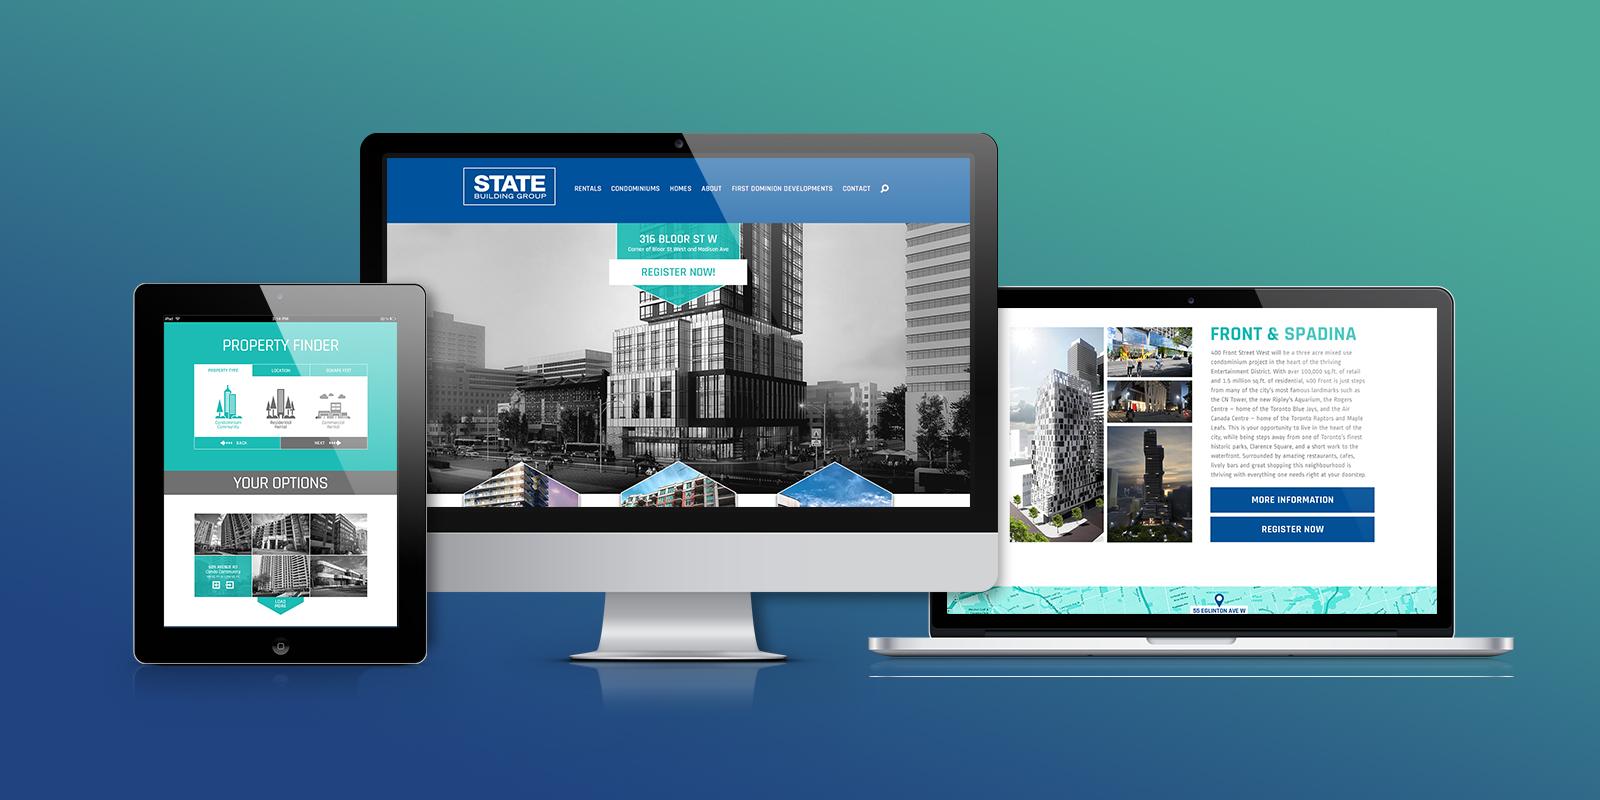 sbg-desktop